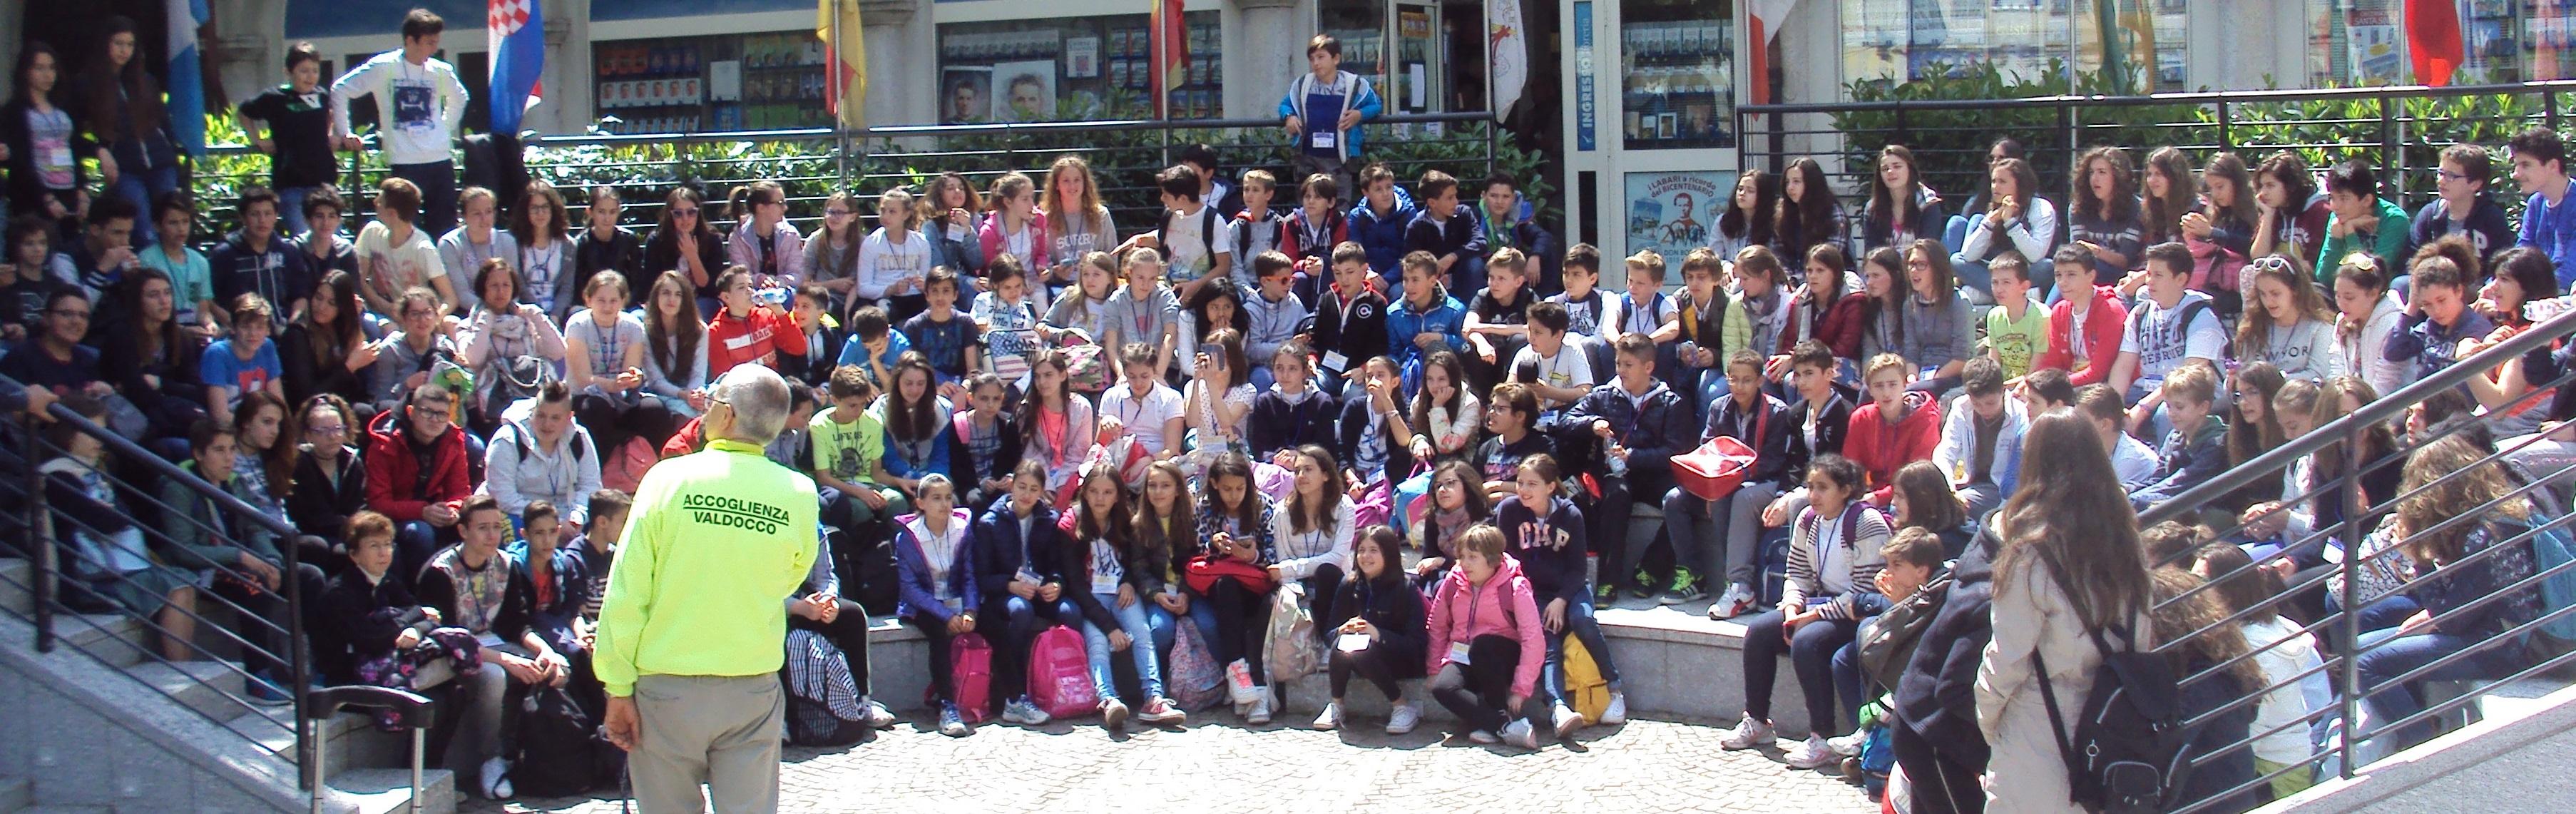 Sindone: pellegrinaggio scuole di Novara